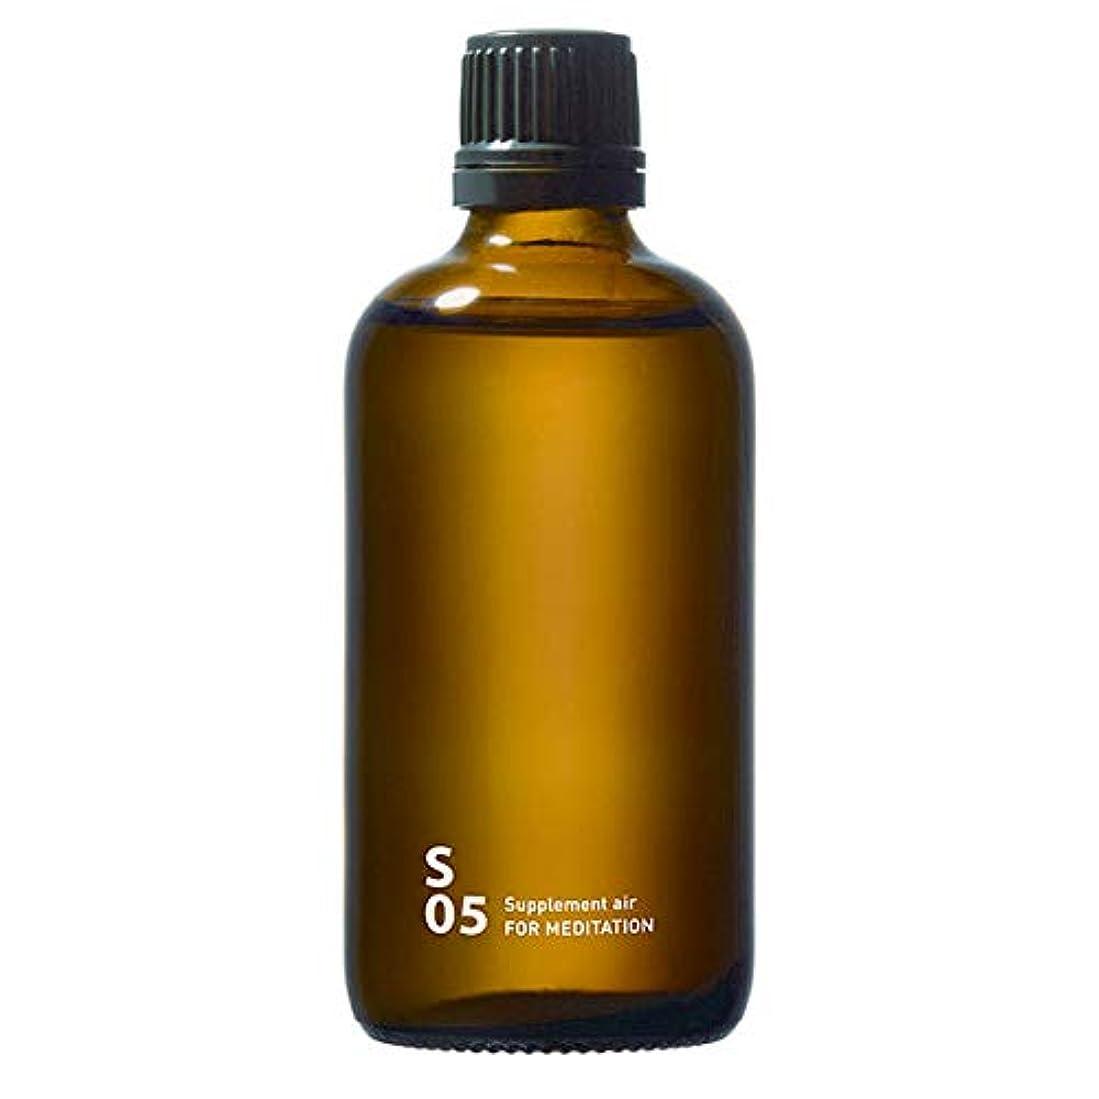 ではごきげんよう咳バッテリーS05 FOR MEDITATION piezo aroma oil 100ml